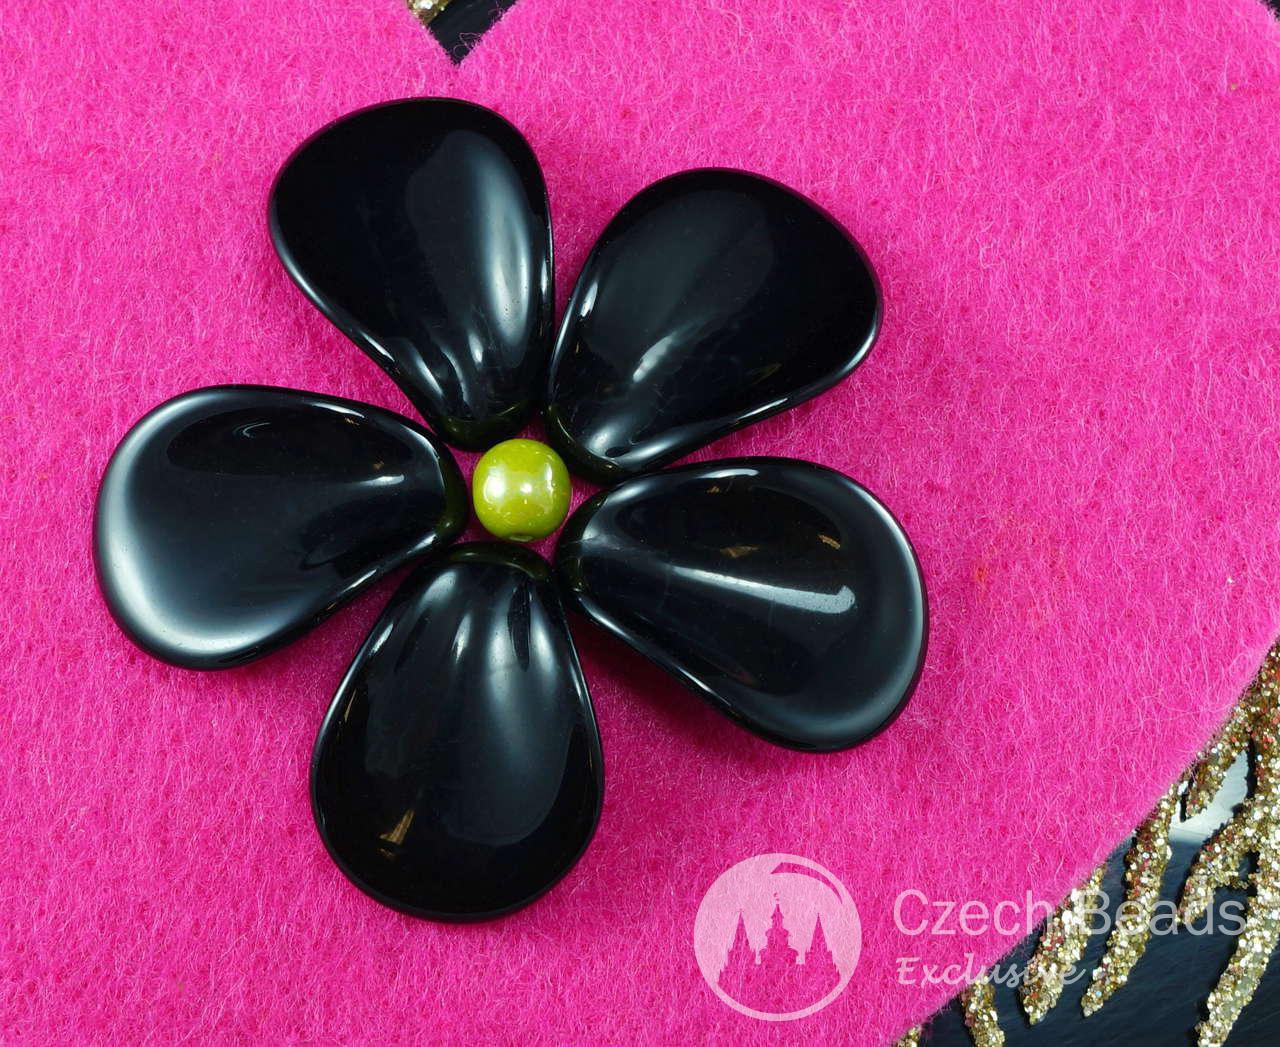 Extra Large Opaque Black Czech Glass Flower Petal Beads 22mm x 16mm 10pcs